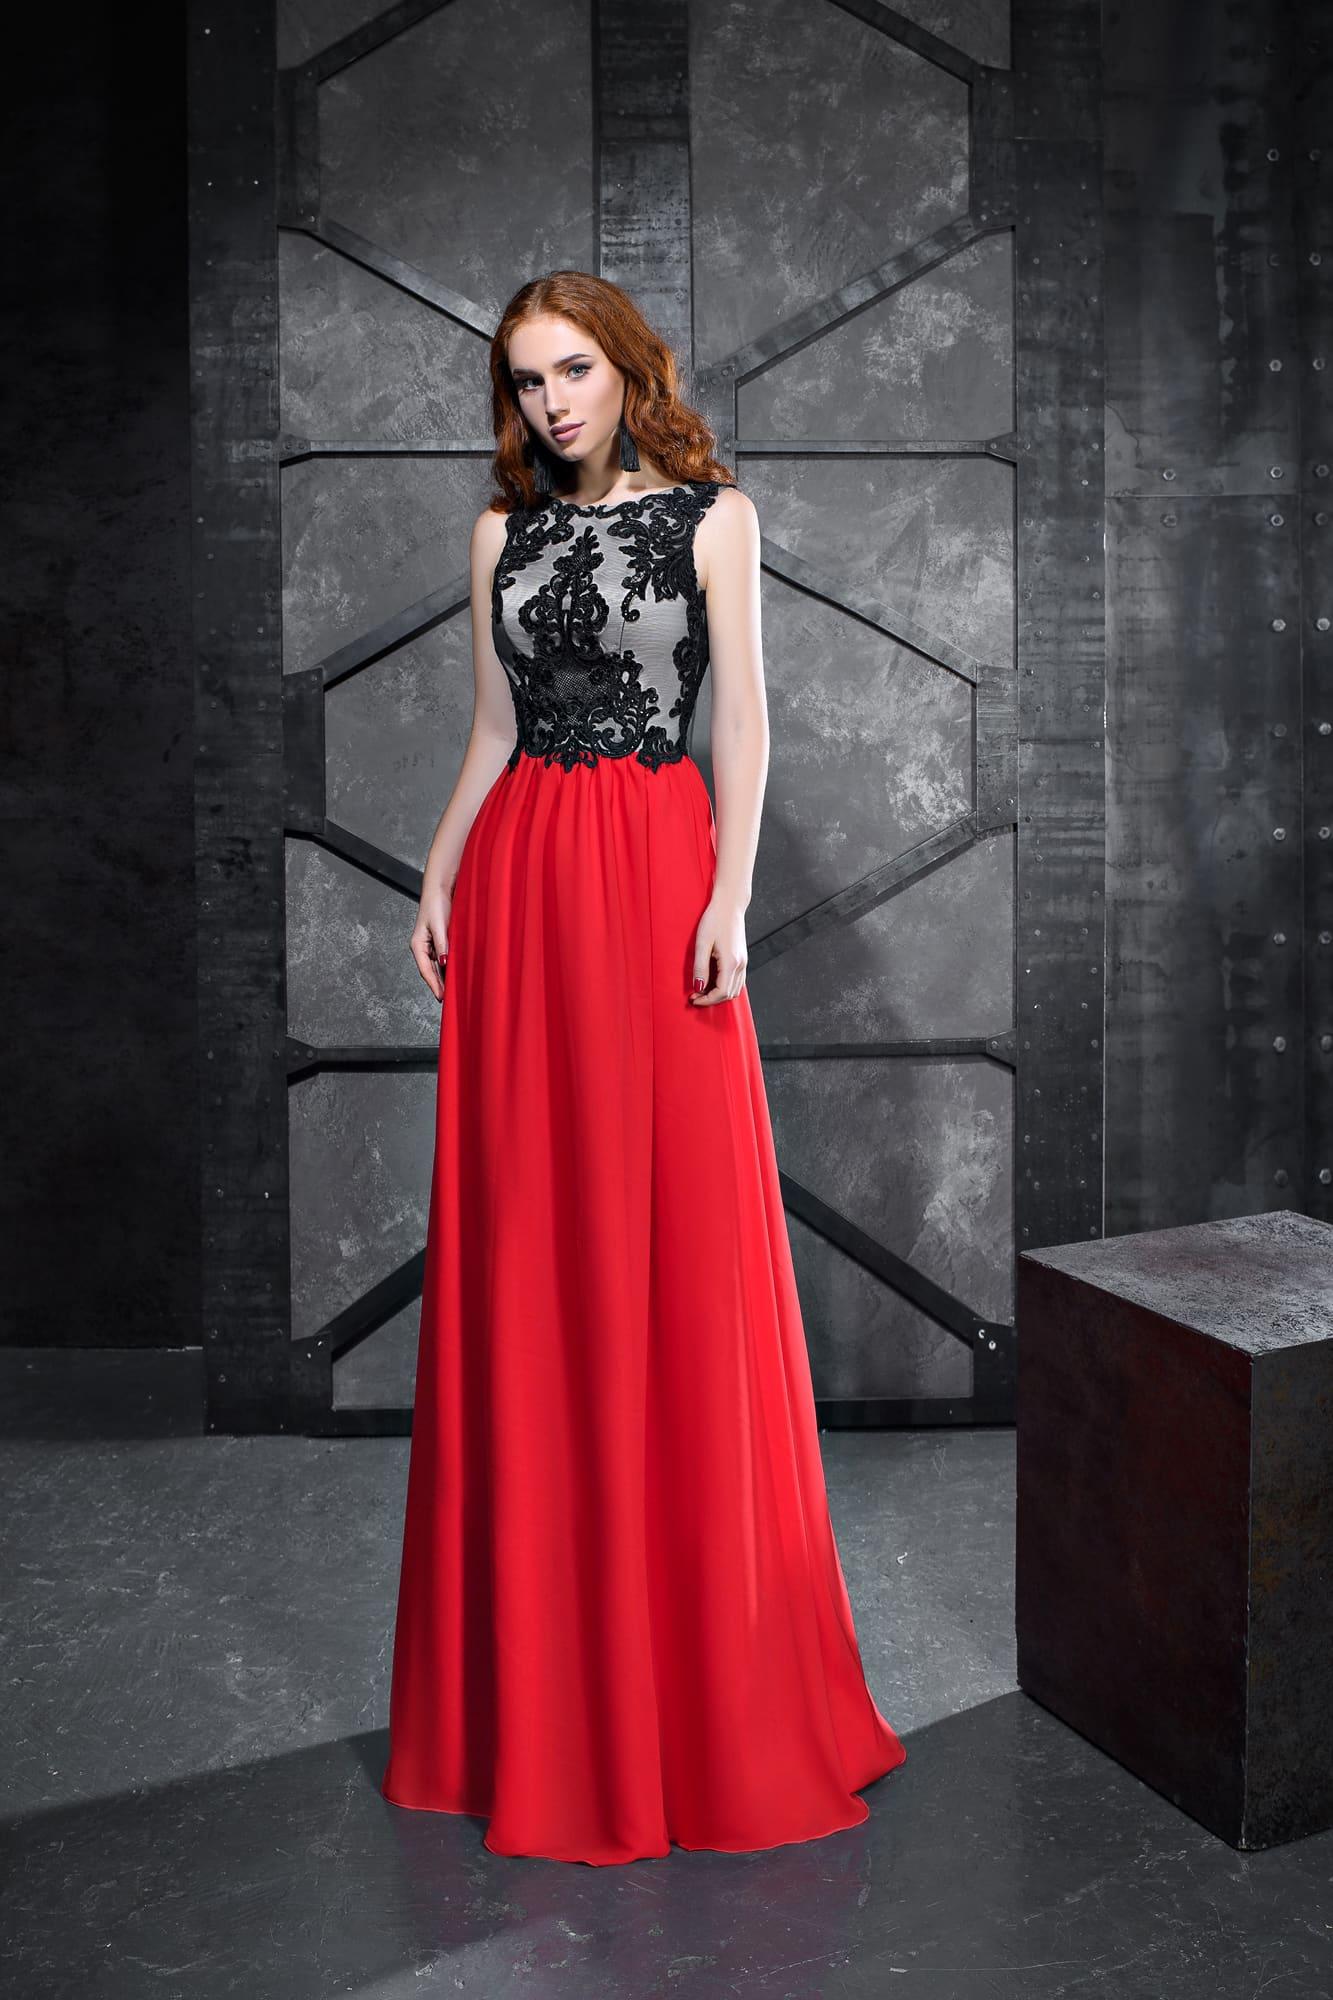 73171b33365 Вечернее платье Kira Nova Эрика. 🔍. new. Вечернее платье с серым лифом и  алой юбкой длиной в пол.